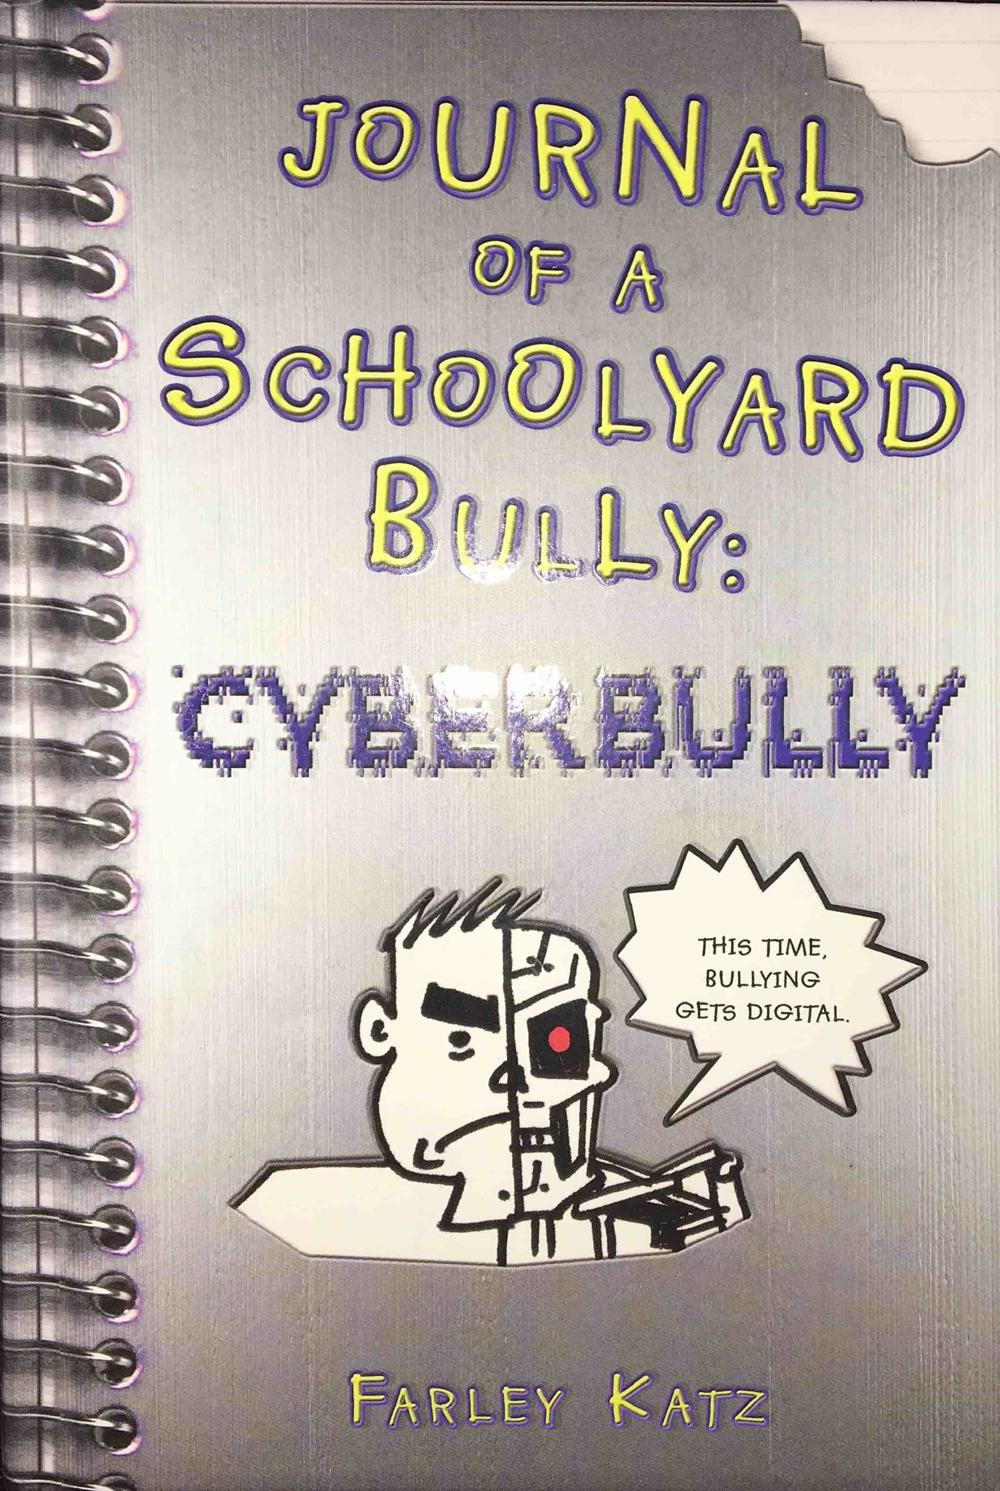 JOASYB: Cyberbully